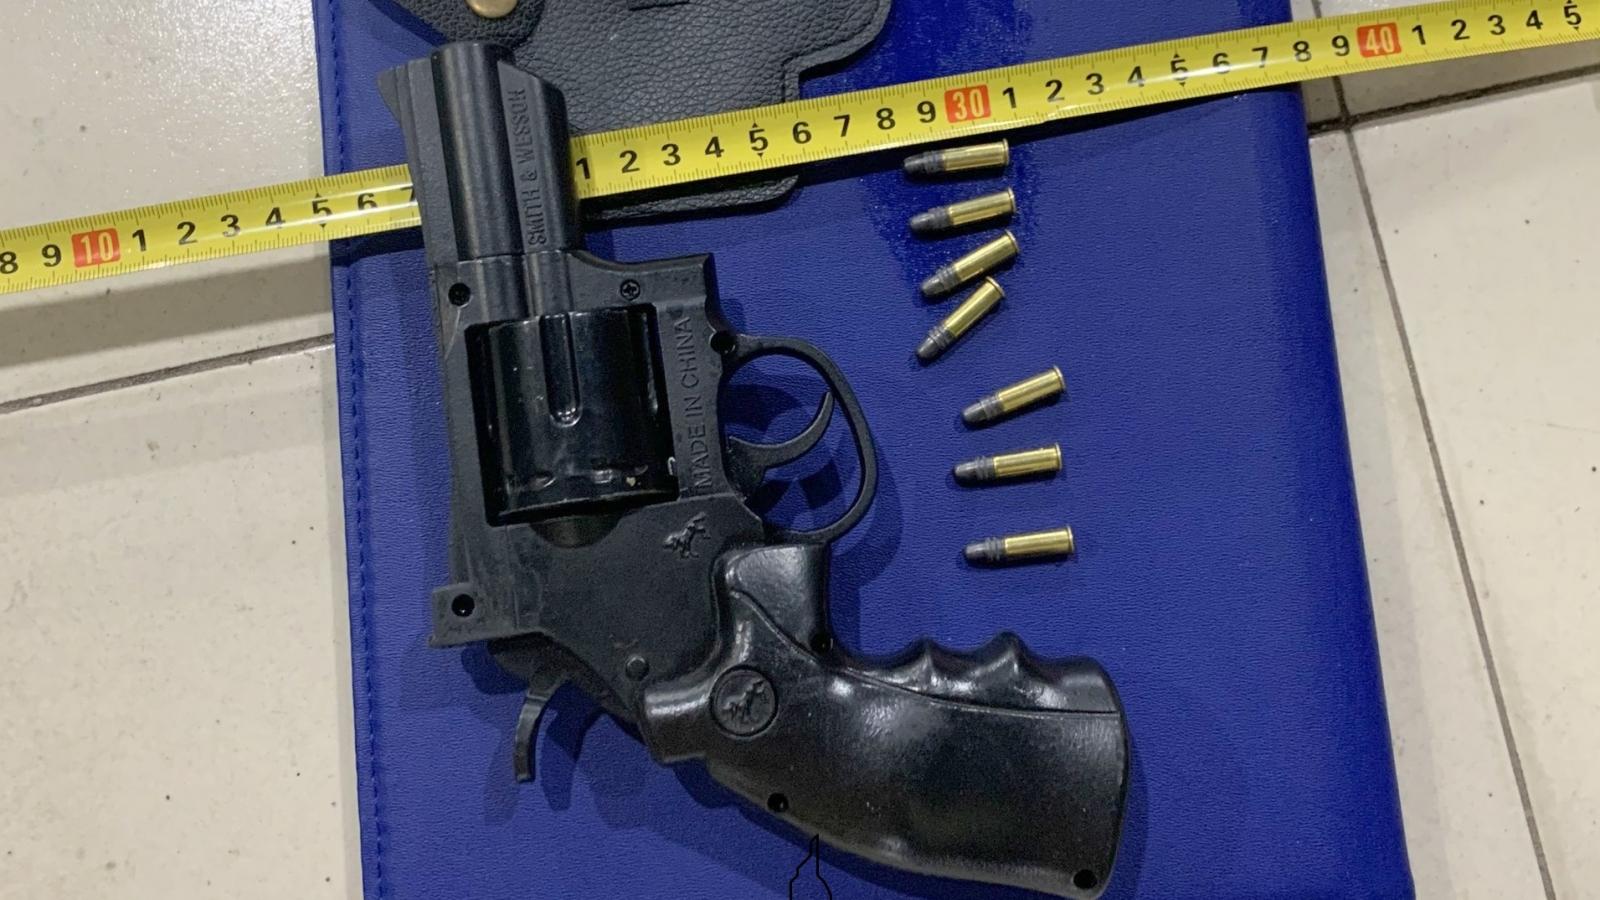 Đồng Tháp khởi tố 4 đối tượng vận chuyển, mua bán trái phép vũ khí quân dụng